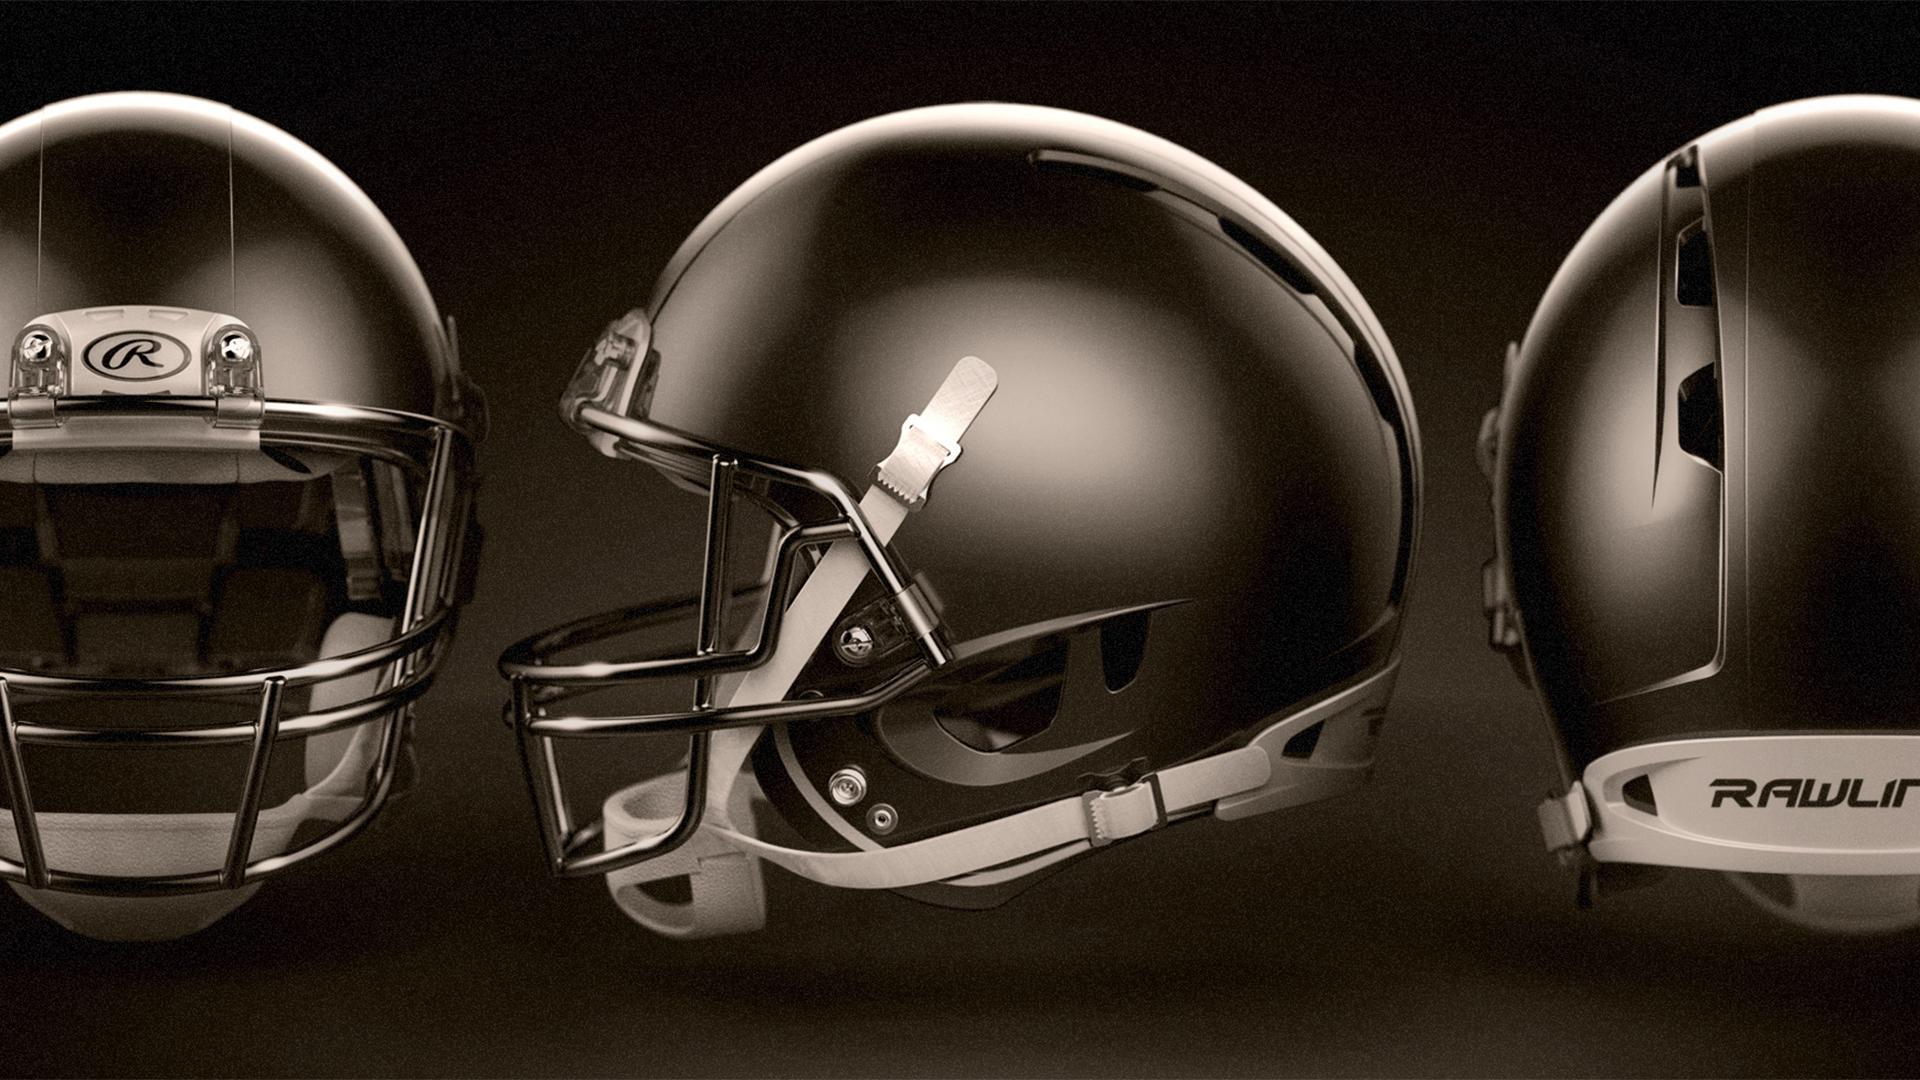 Rawlings Nrg Football Helmet Priority Designs